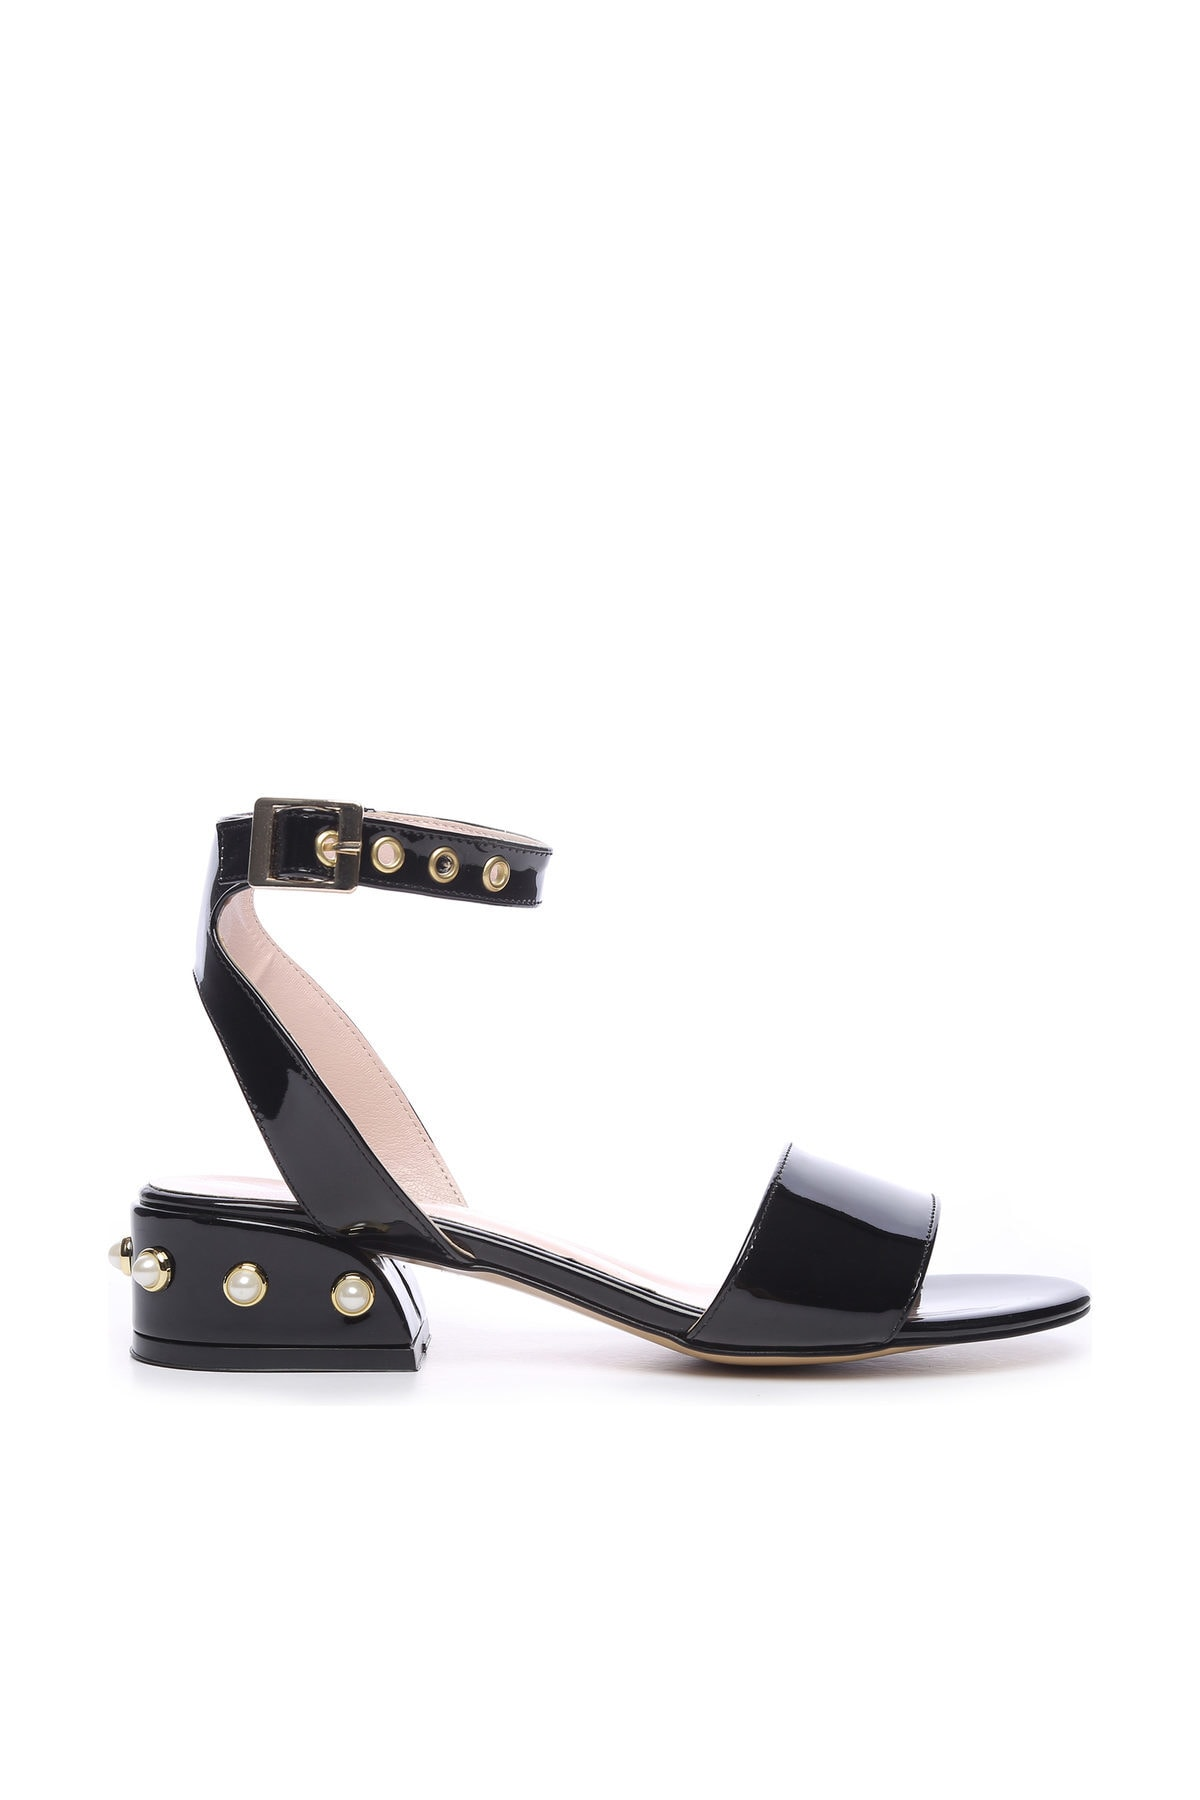 KEMAL TANCA Siyah Kadın Ayakkabı 652 1830-2 BN AYK 1